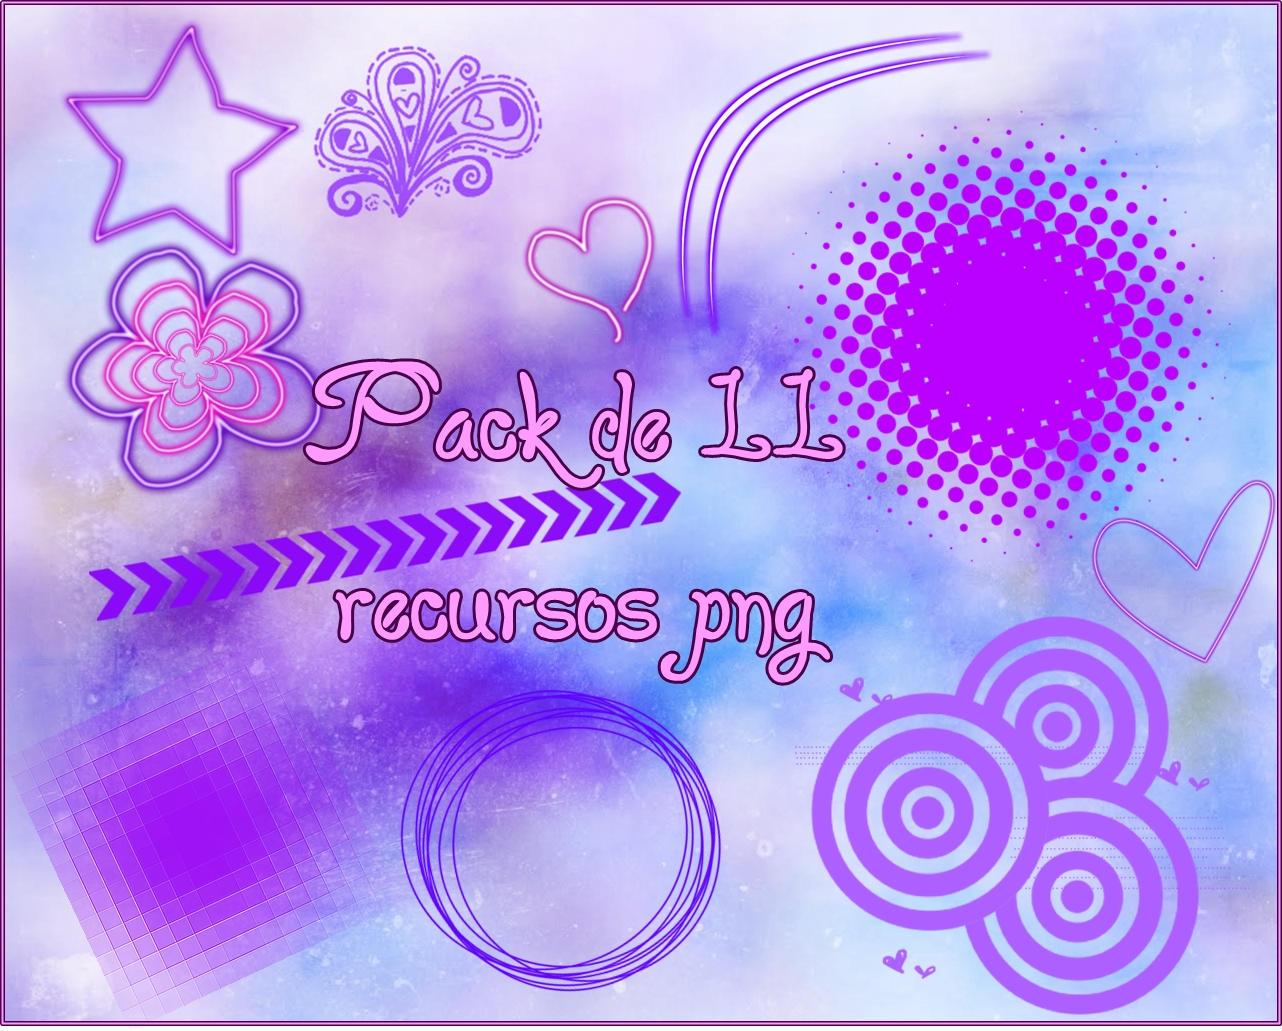 Pack de recursos png by Tatiana931220